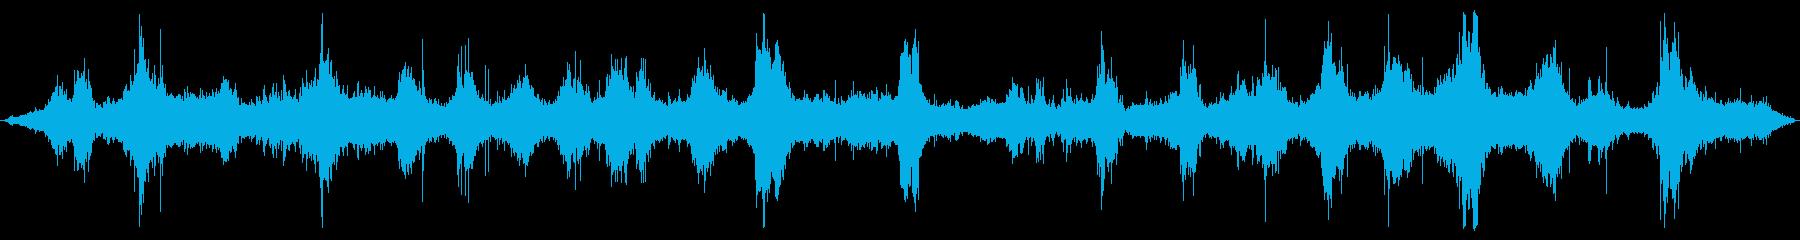 海洋:火山岩の上に重い波が来る、重...の再生済みの波形